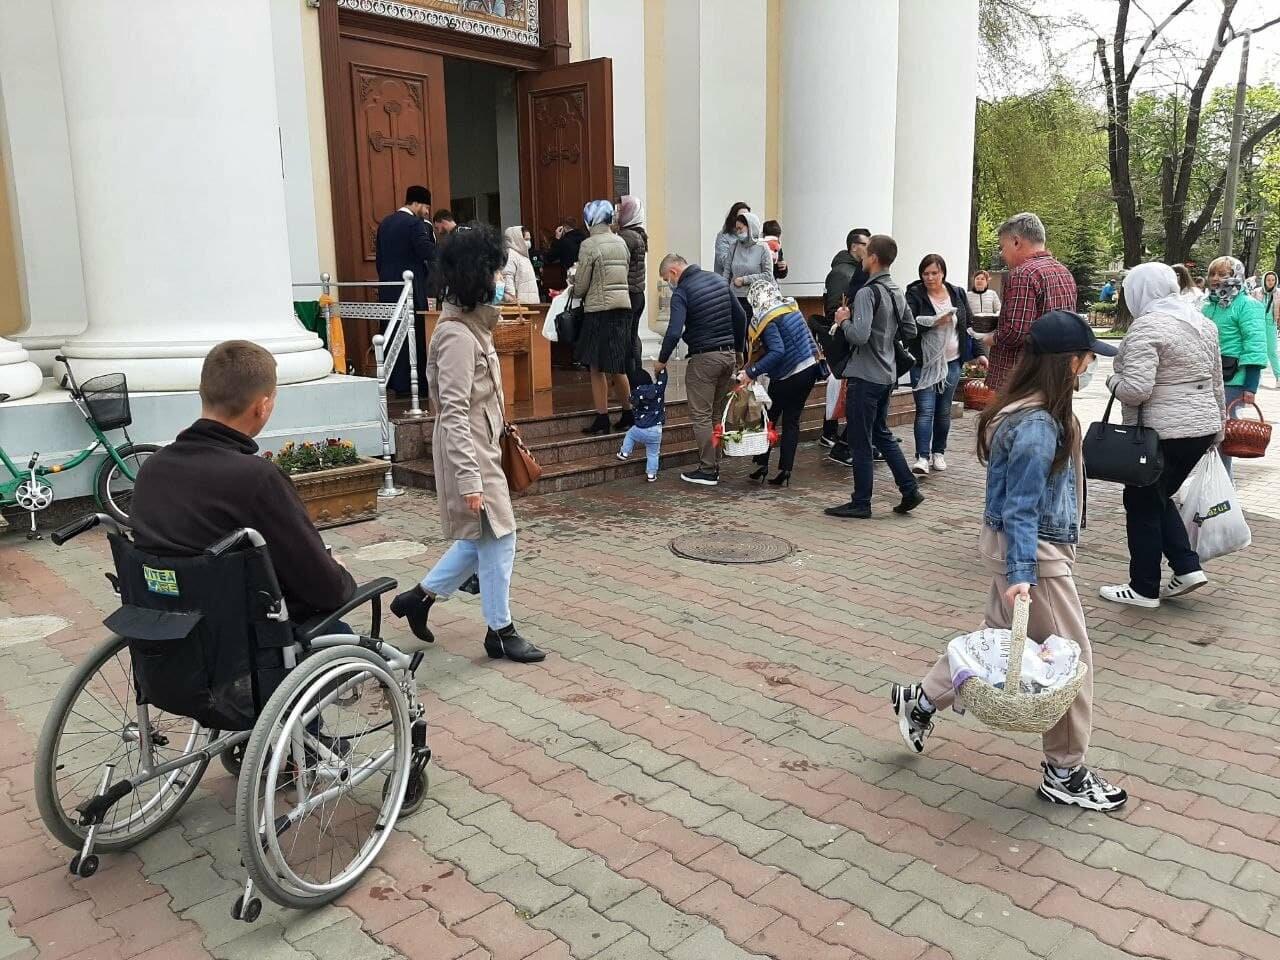 Пасха-2021: как в Одессе святят паски, - ФОТОРЕПОРТАЖ, фото-11